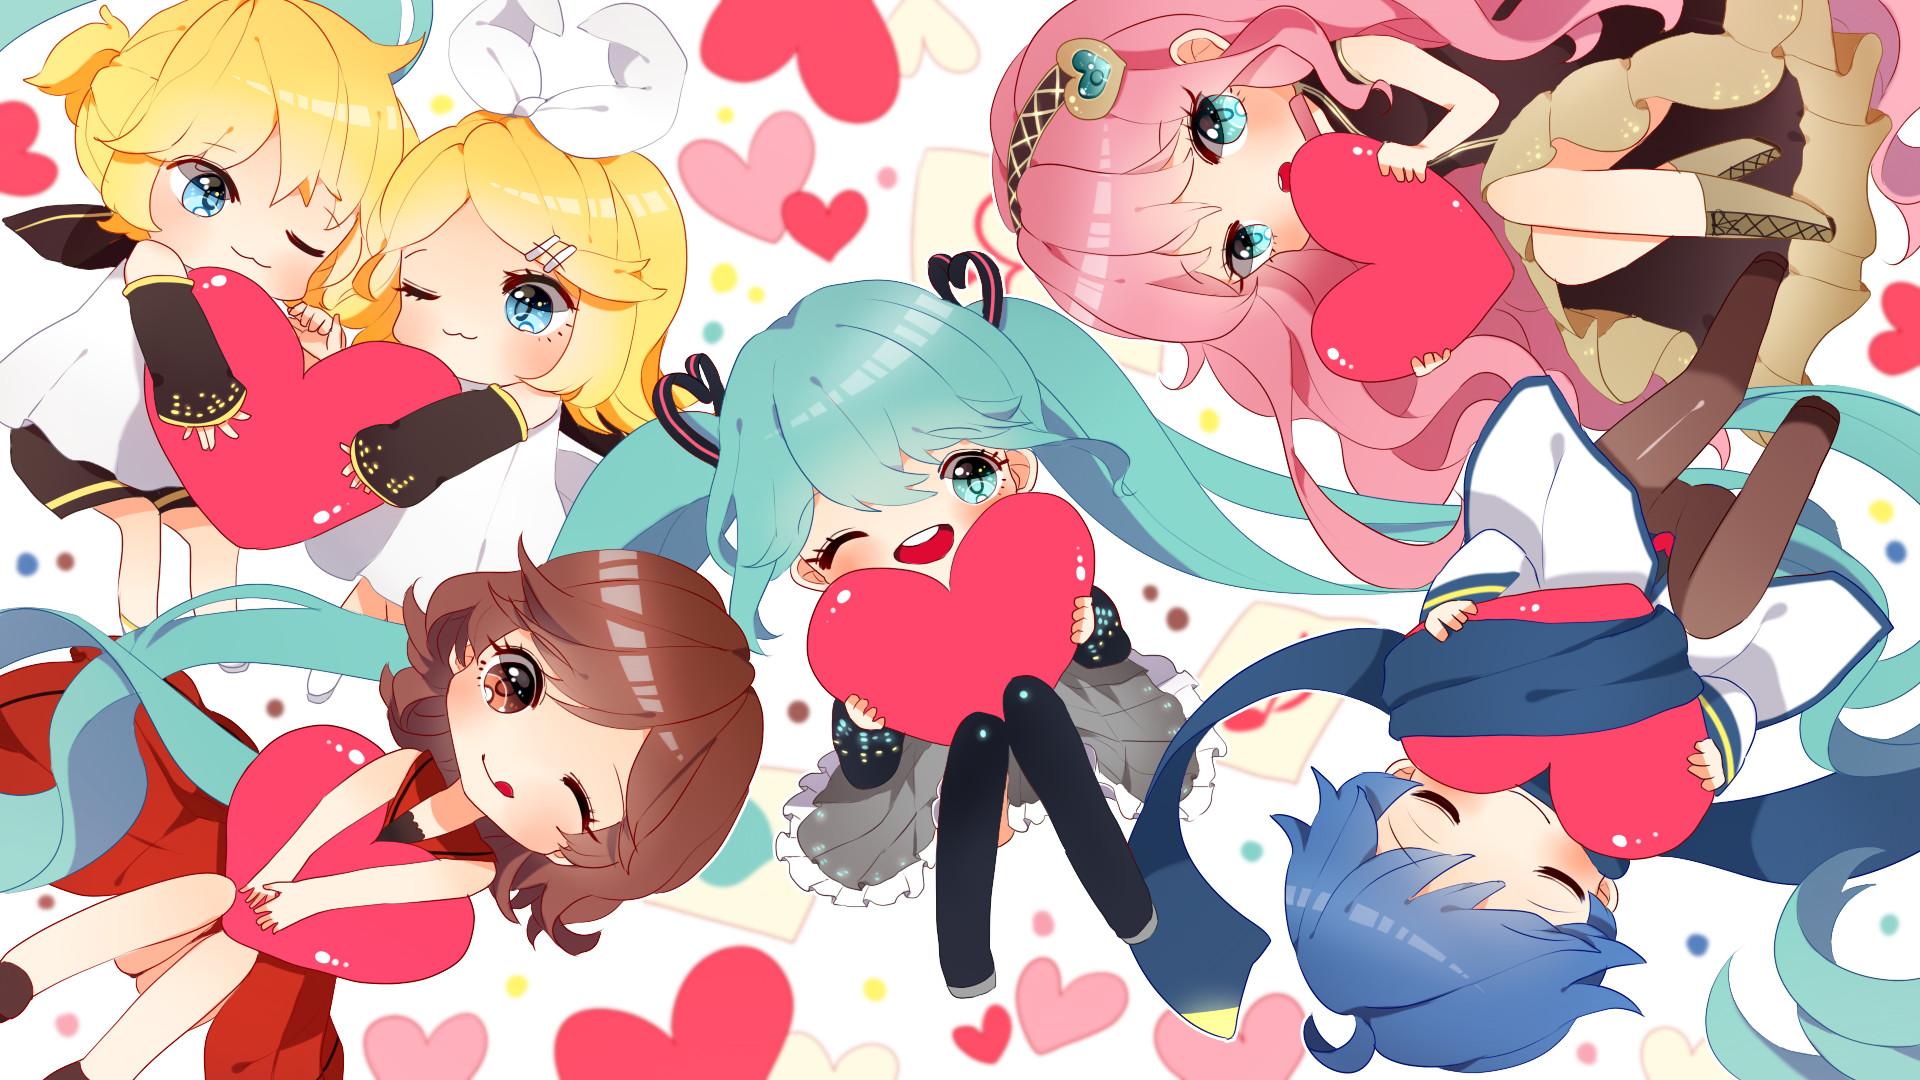 Anime Chibi Wallpaper ·① WallpaperTag